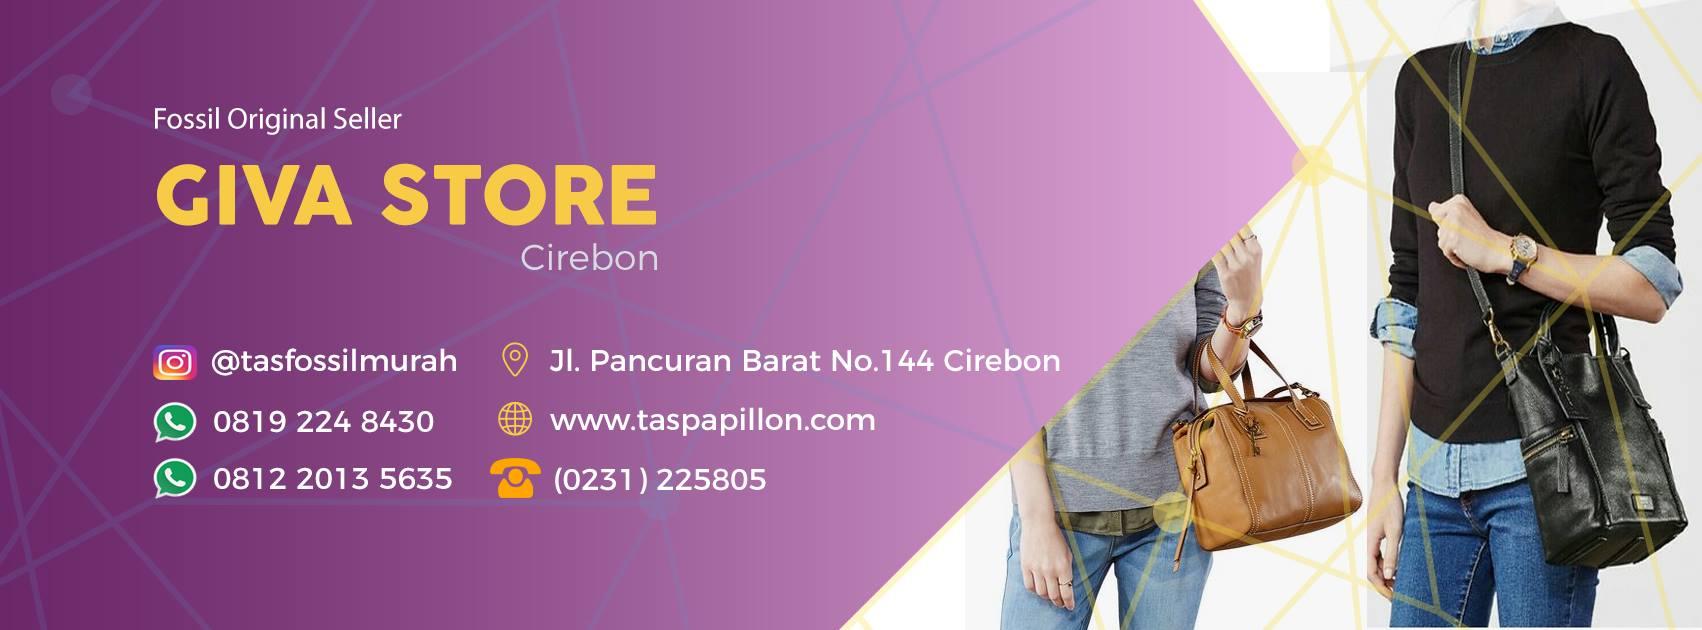 Toko Tas Fossil Di Cirebon